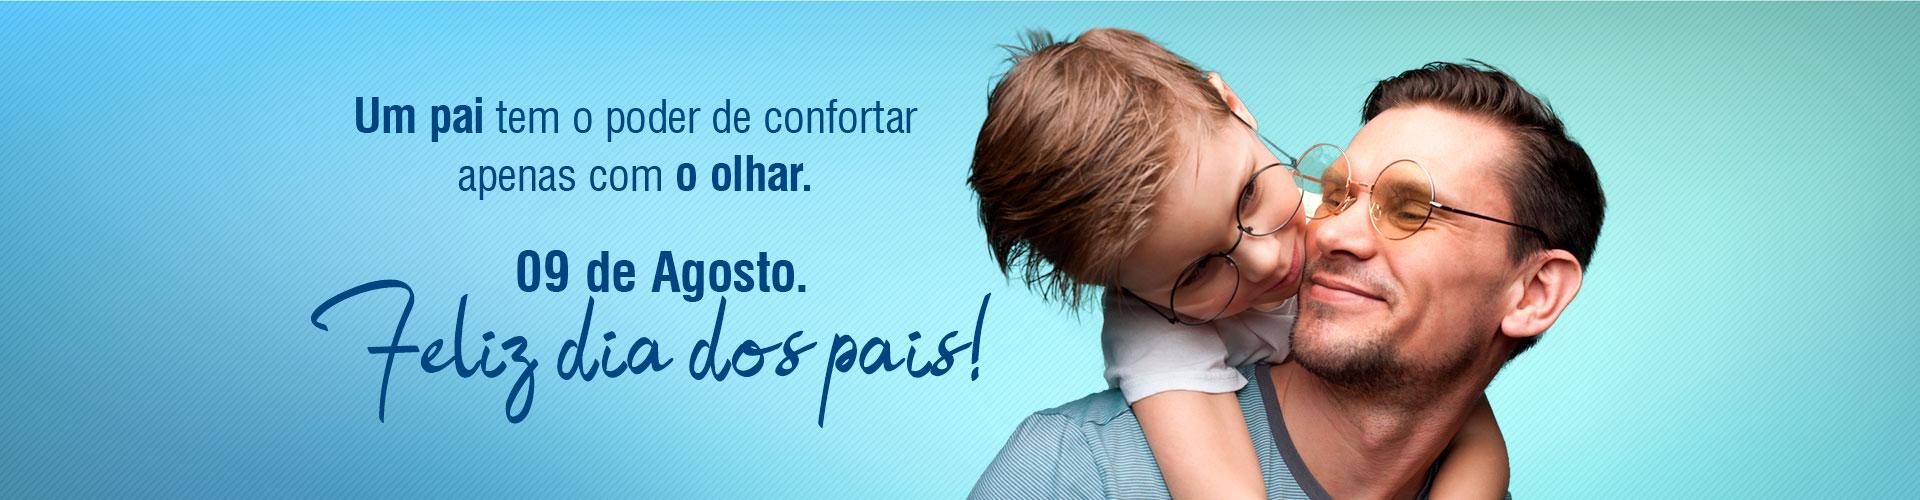 Dia dos pais - Clínica de Olhos Manaus